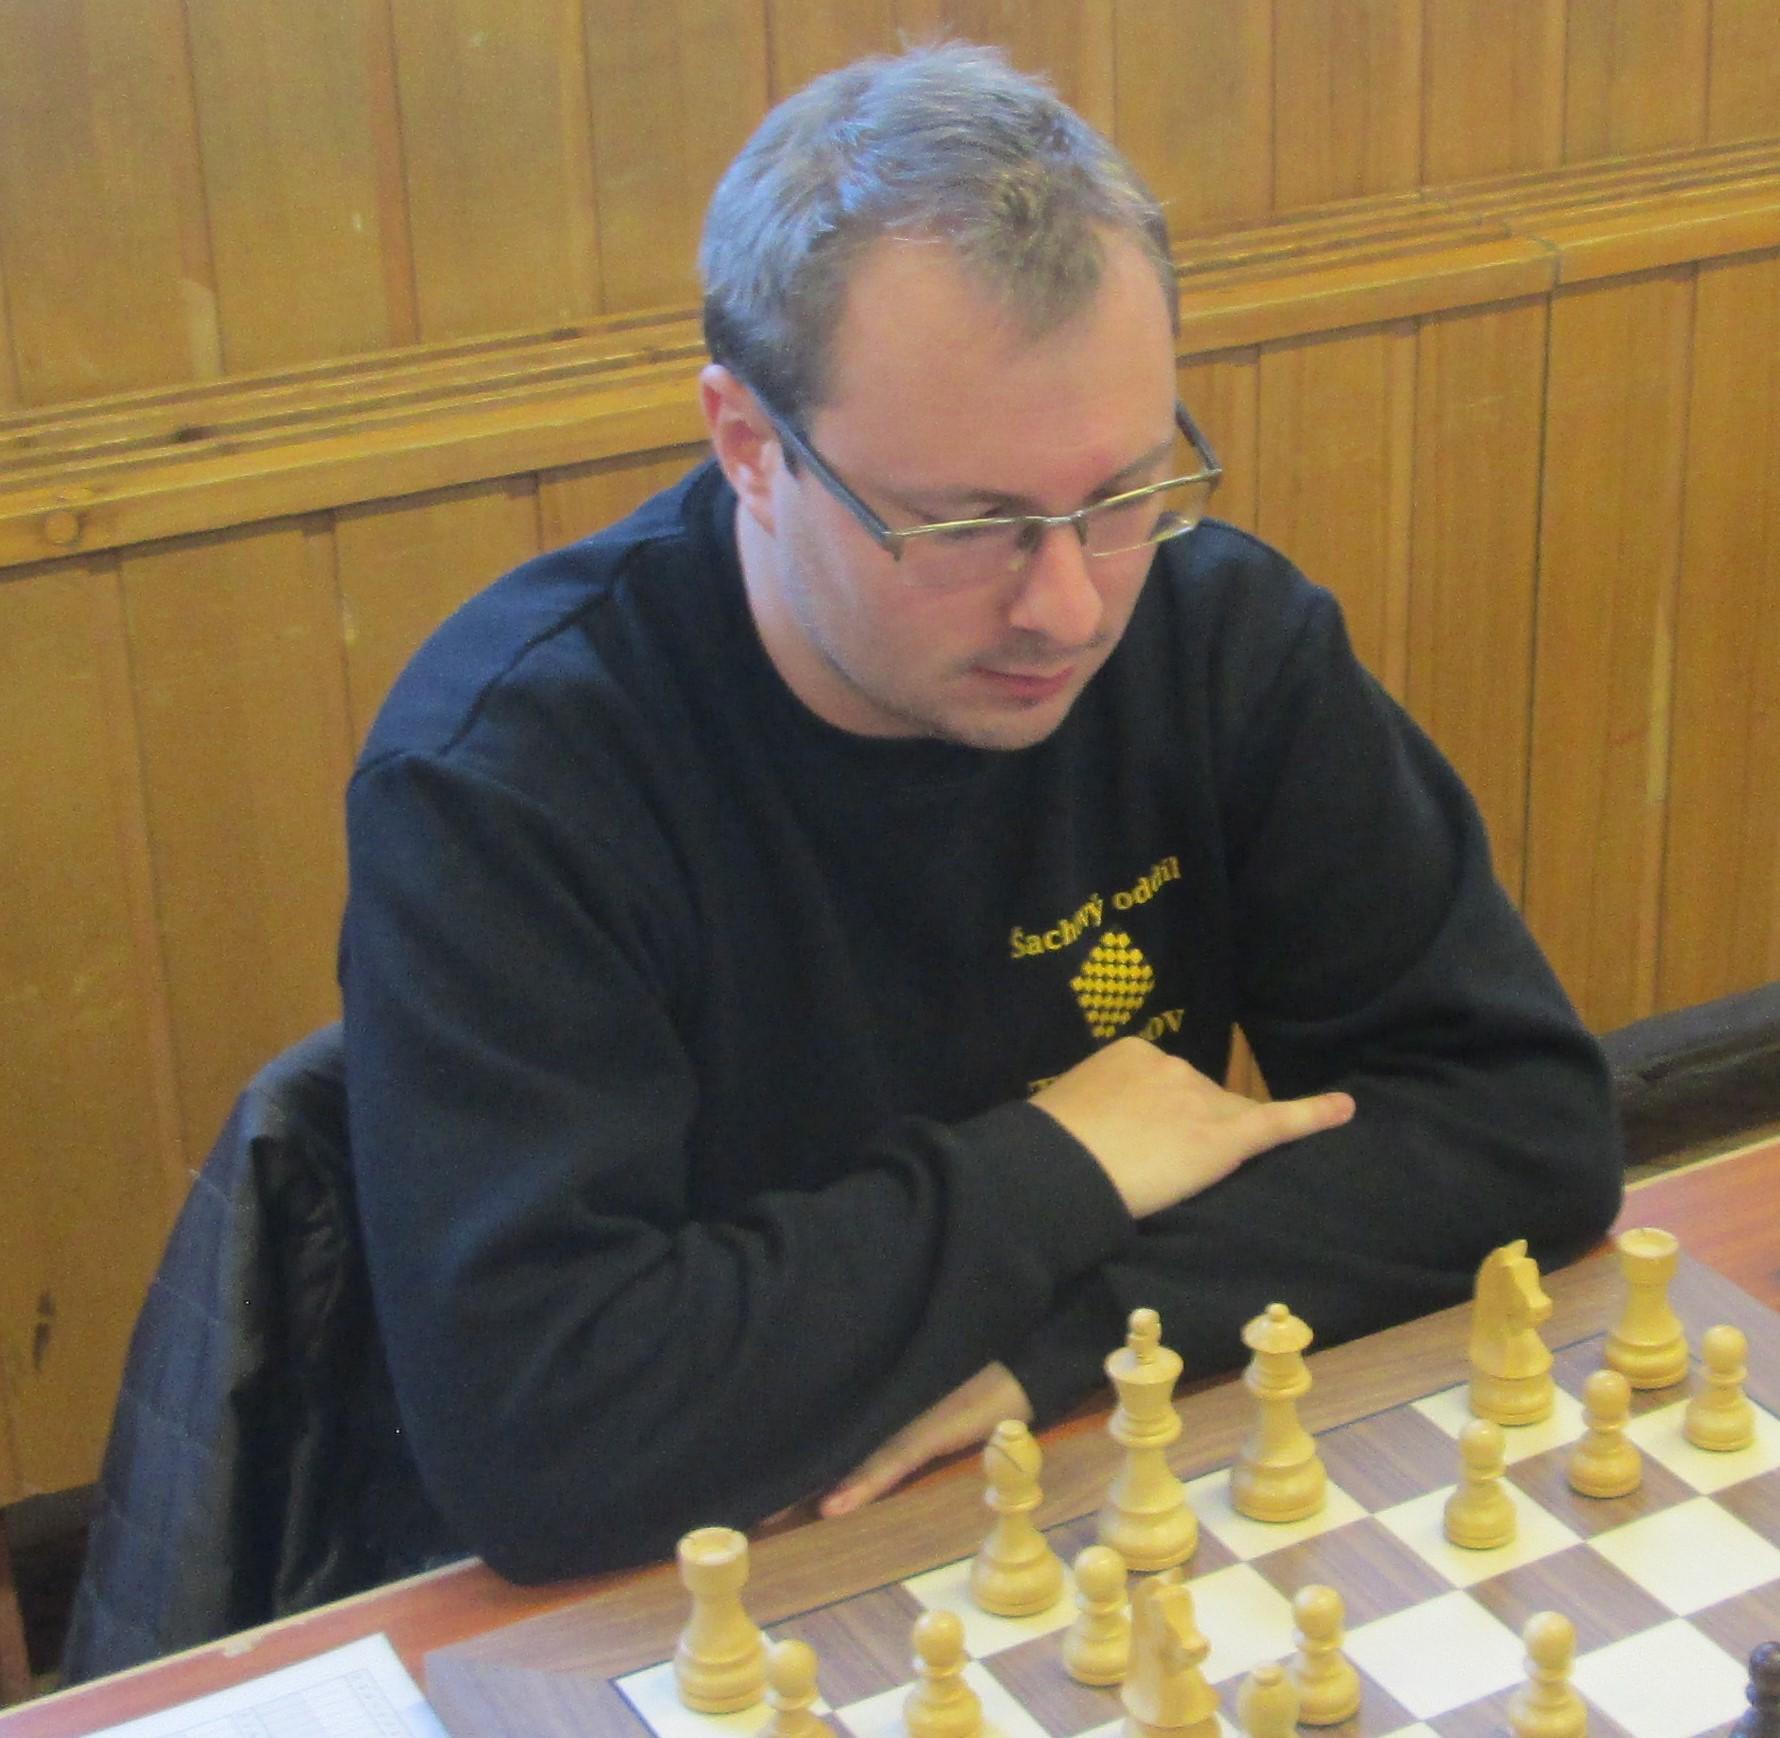 Šachový trénink s diagramy – Šachy Vlčnov